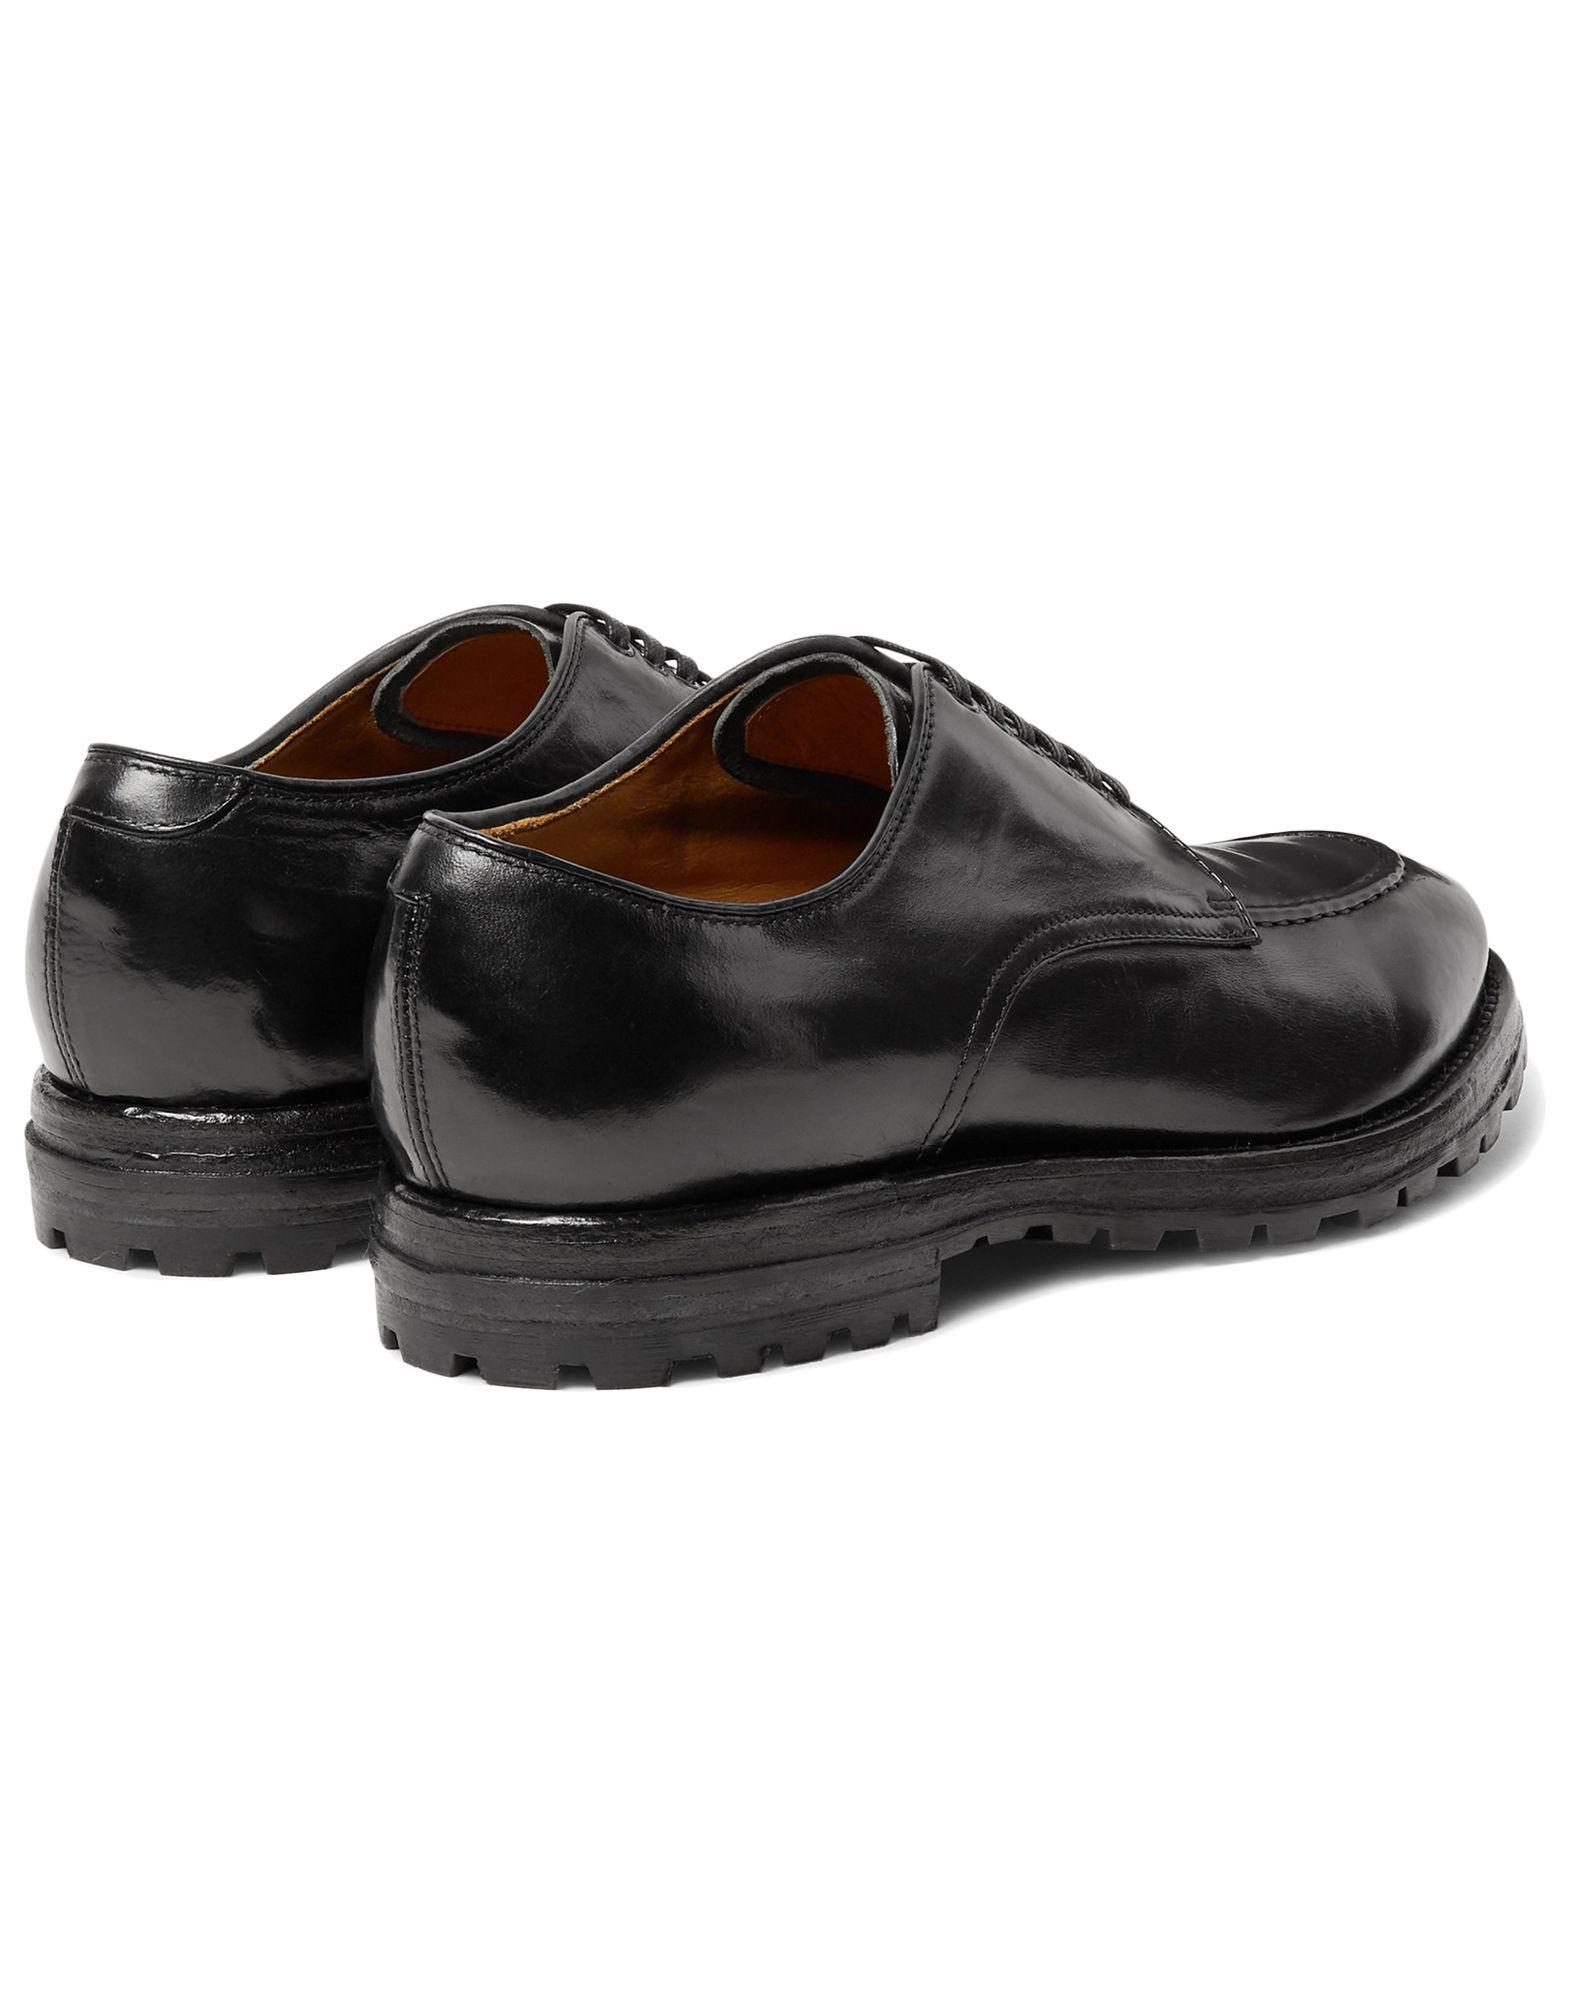 Officine Creative Italia Gute Schnürschuhe Herren  11540805KJ Gute Italia Qualität beliebte Schuhe 815daa